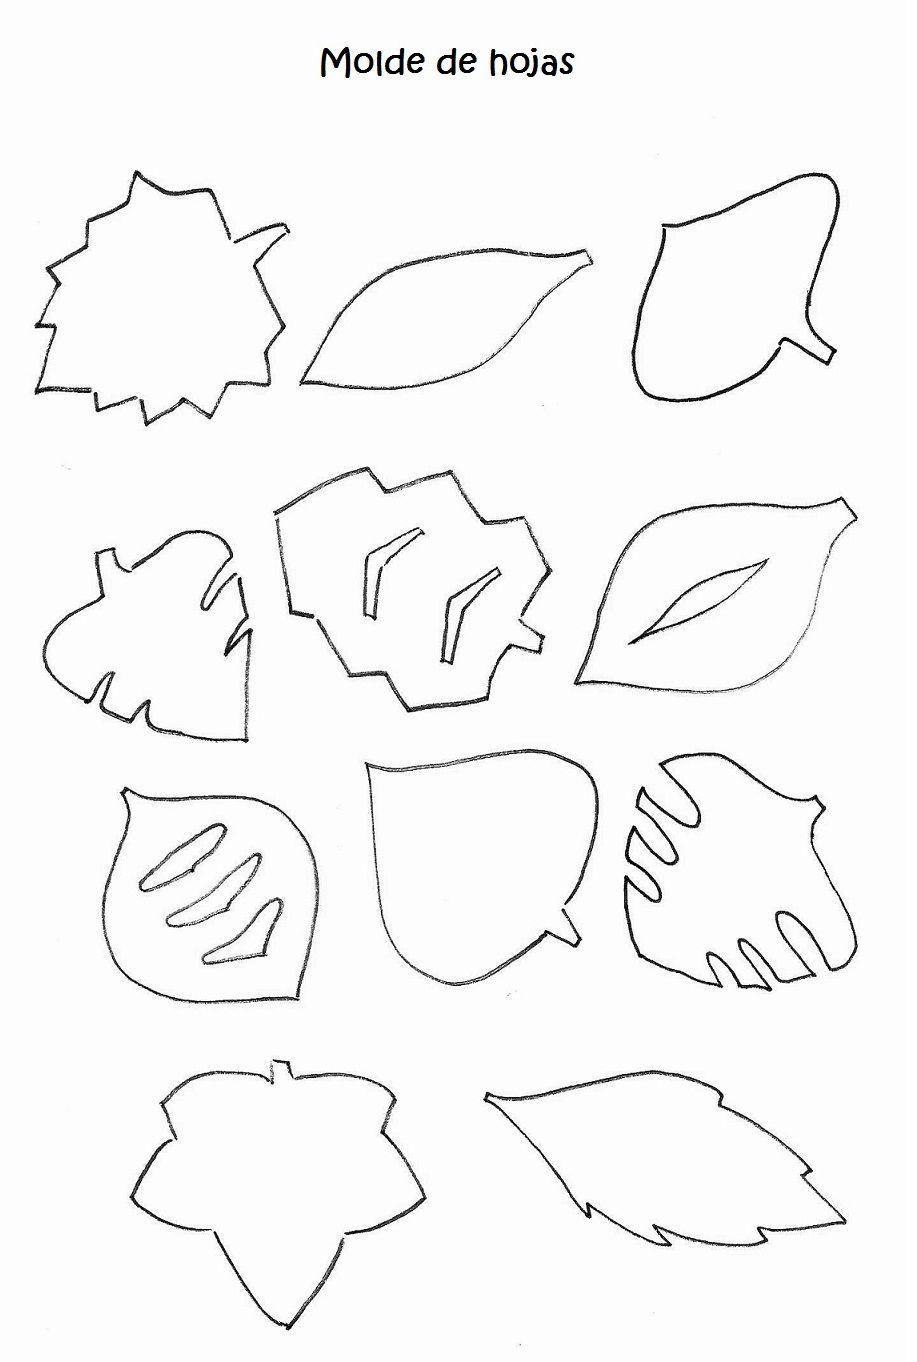 Resultado de imagen de plantillas reposteria para imprimir - Plantillas para reposteria ...